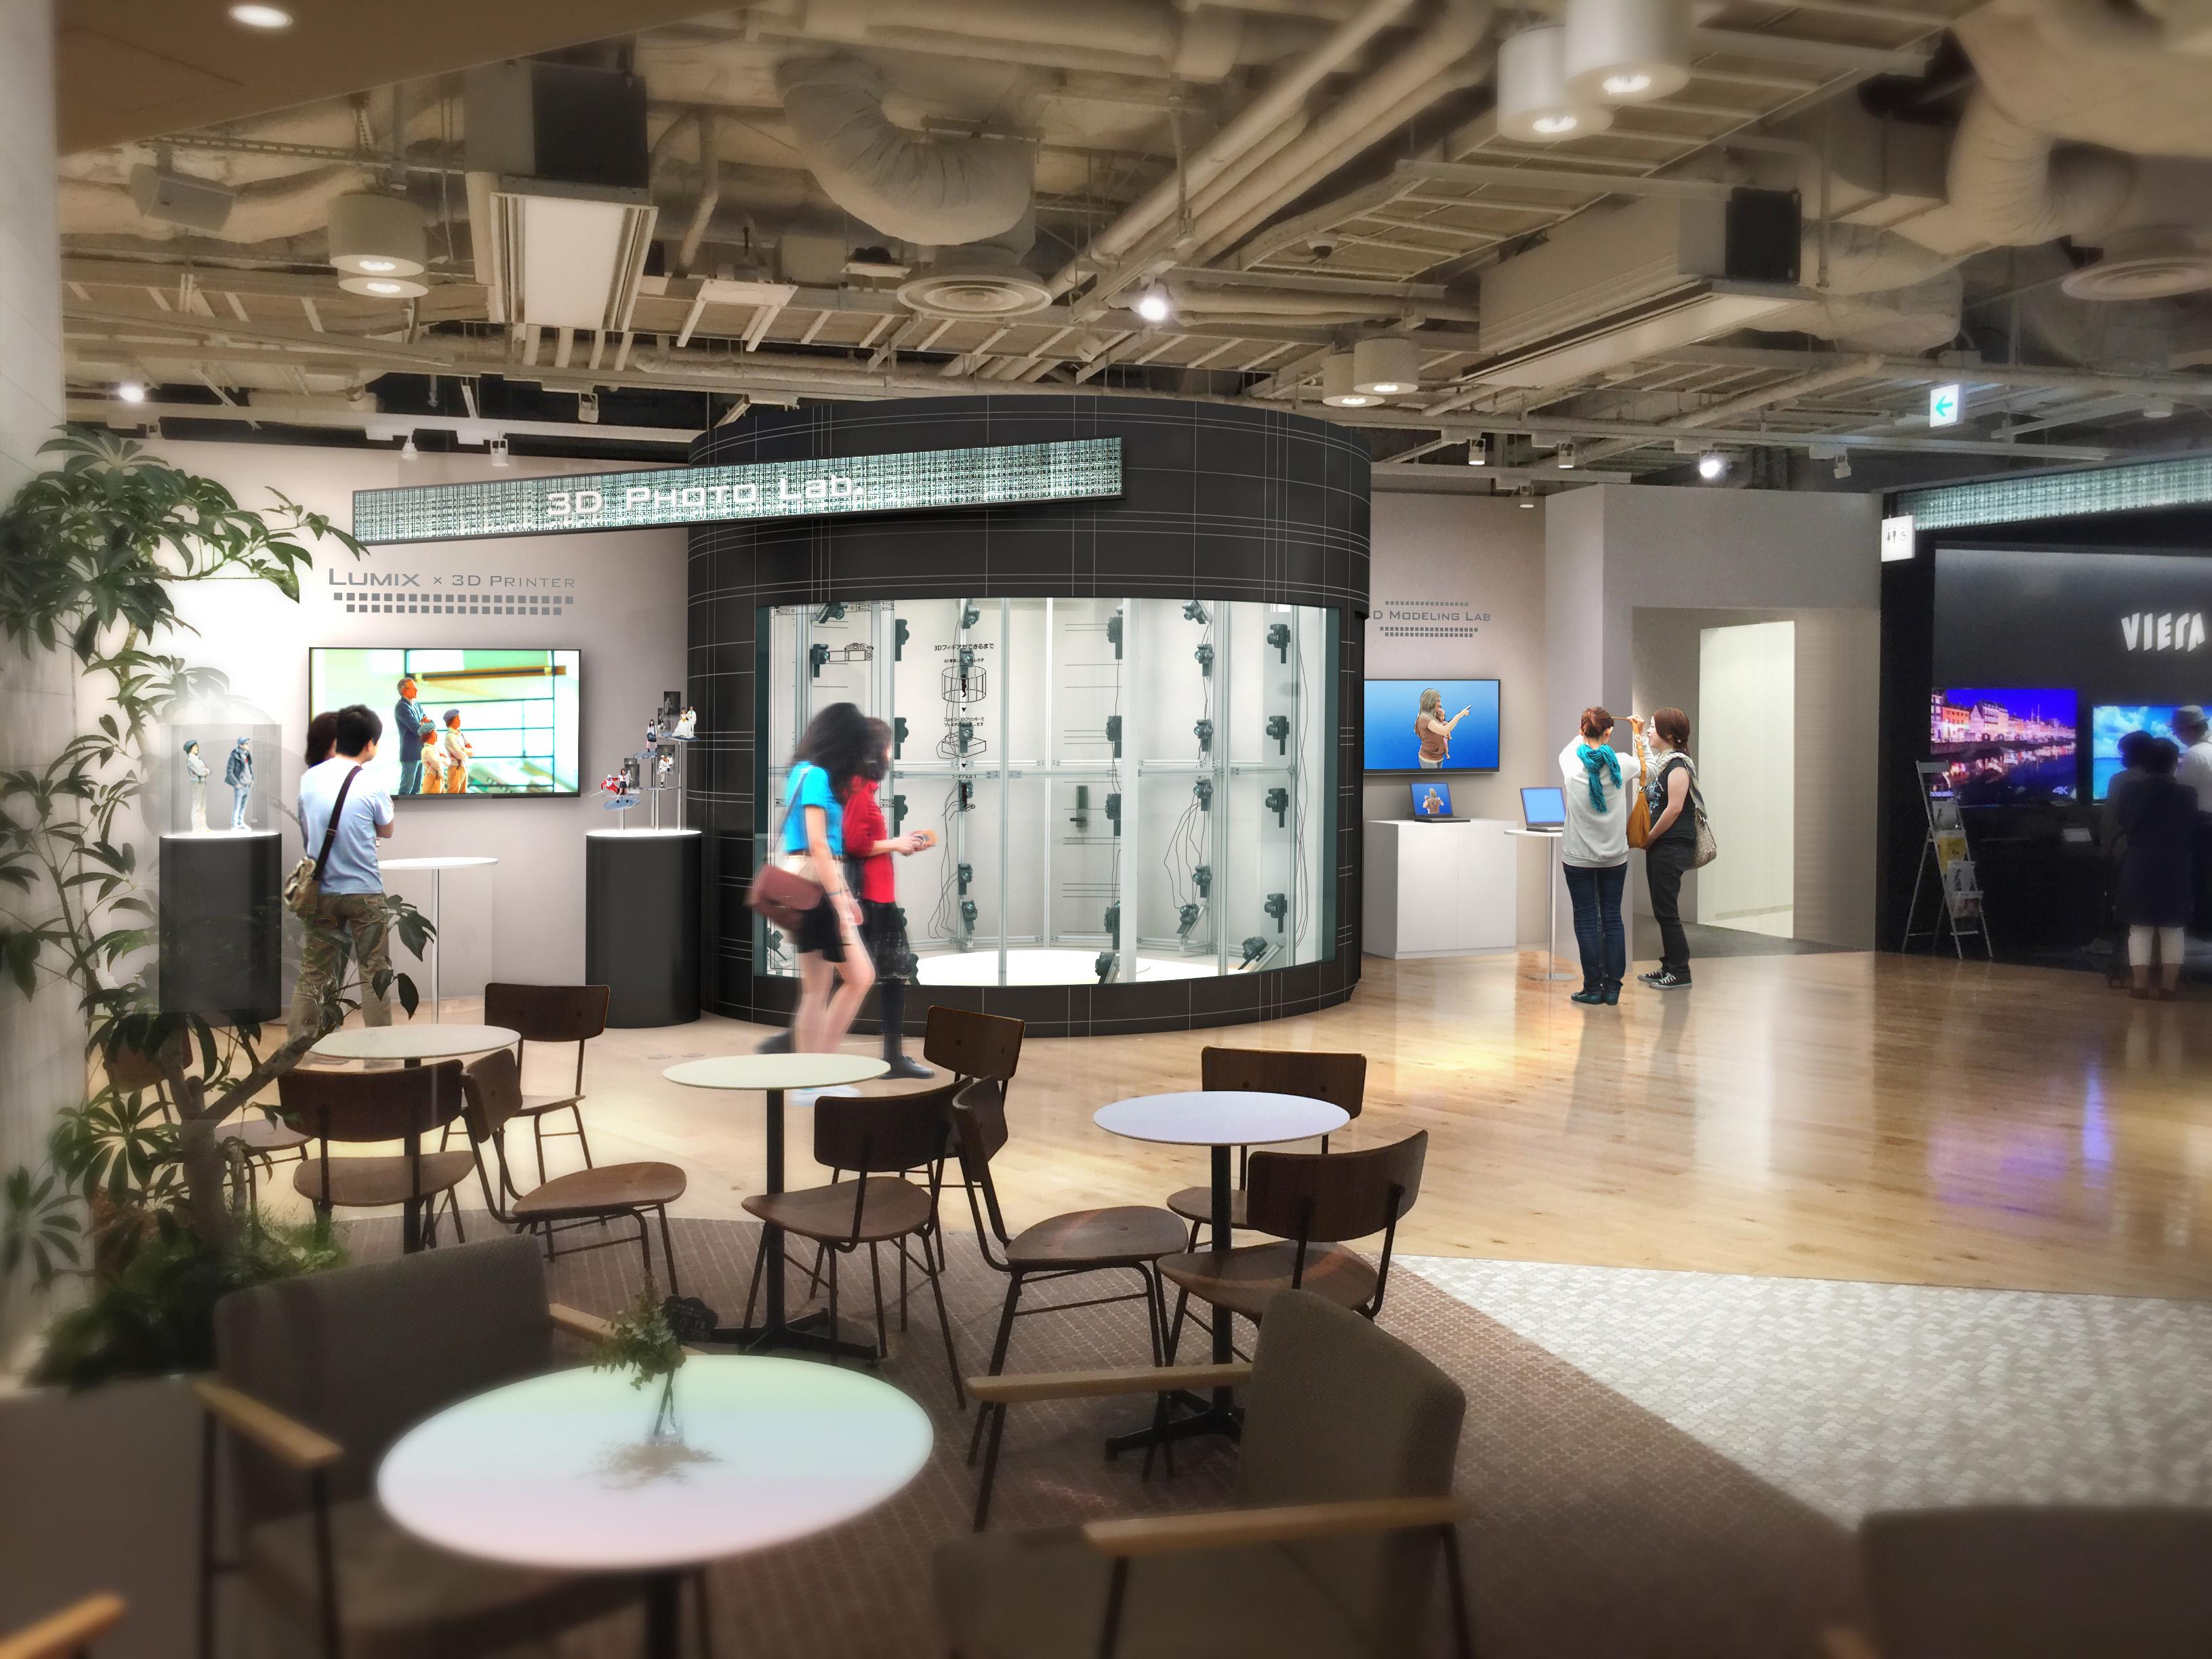 パナソニックセンター大阪2階 デジタルファンスタジオの 「3D PHOTO Lab.」